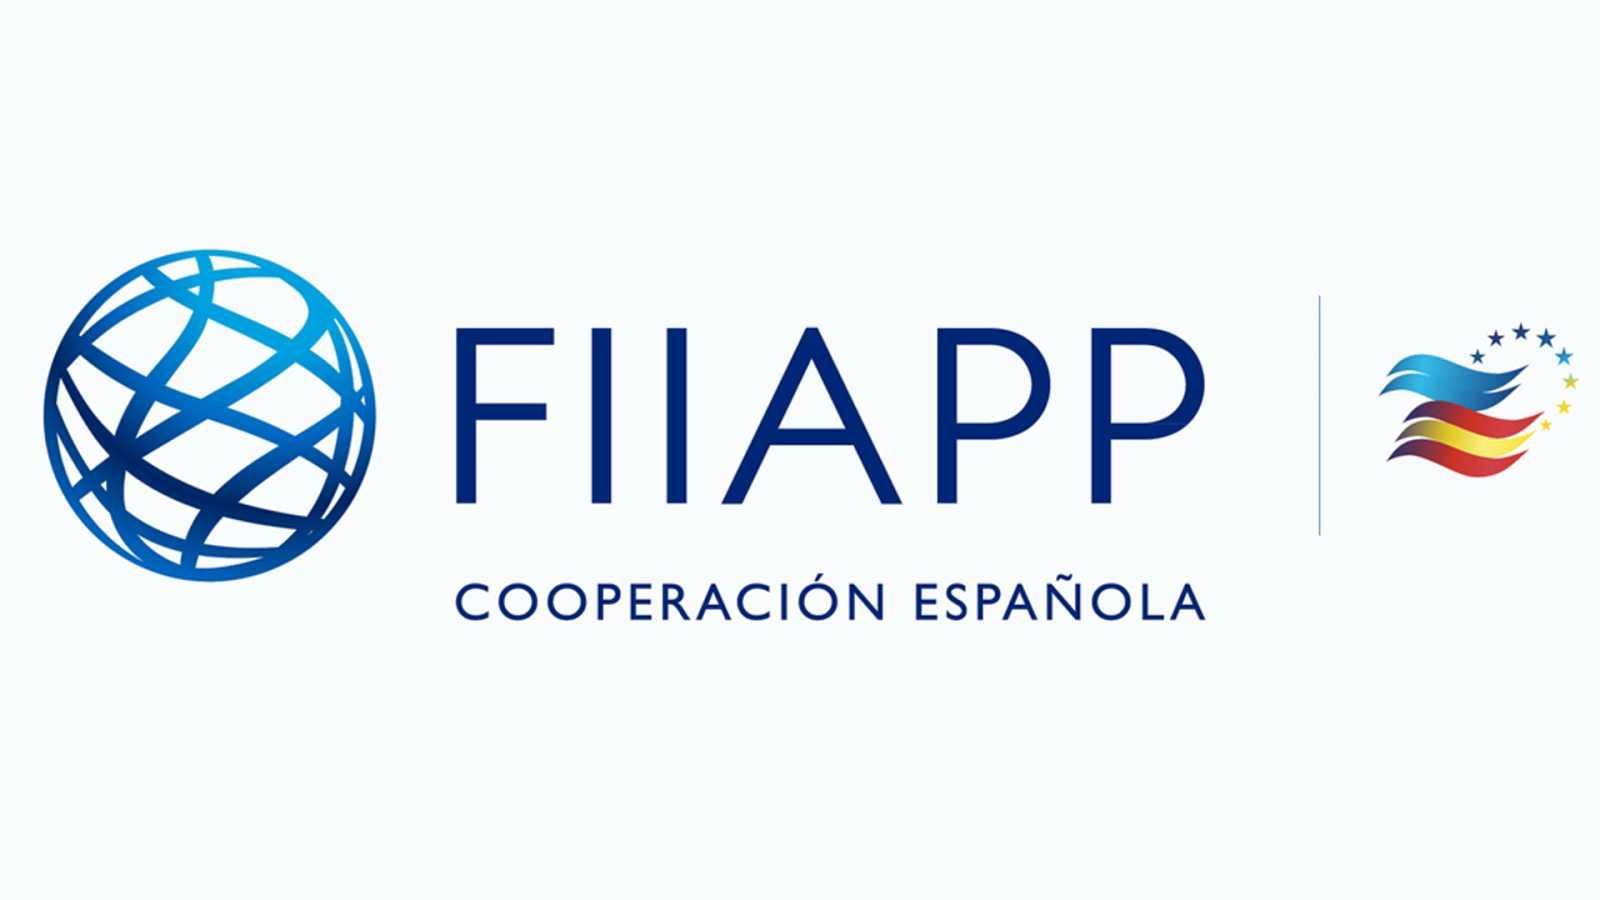 Cooperación pública en el mundo (FIAPP) - La tercera fase de Socieux+ - 03/03/21 - escuchar ahora